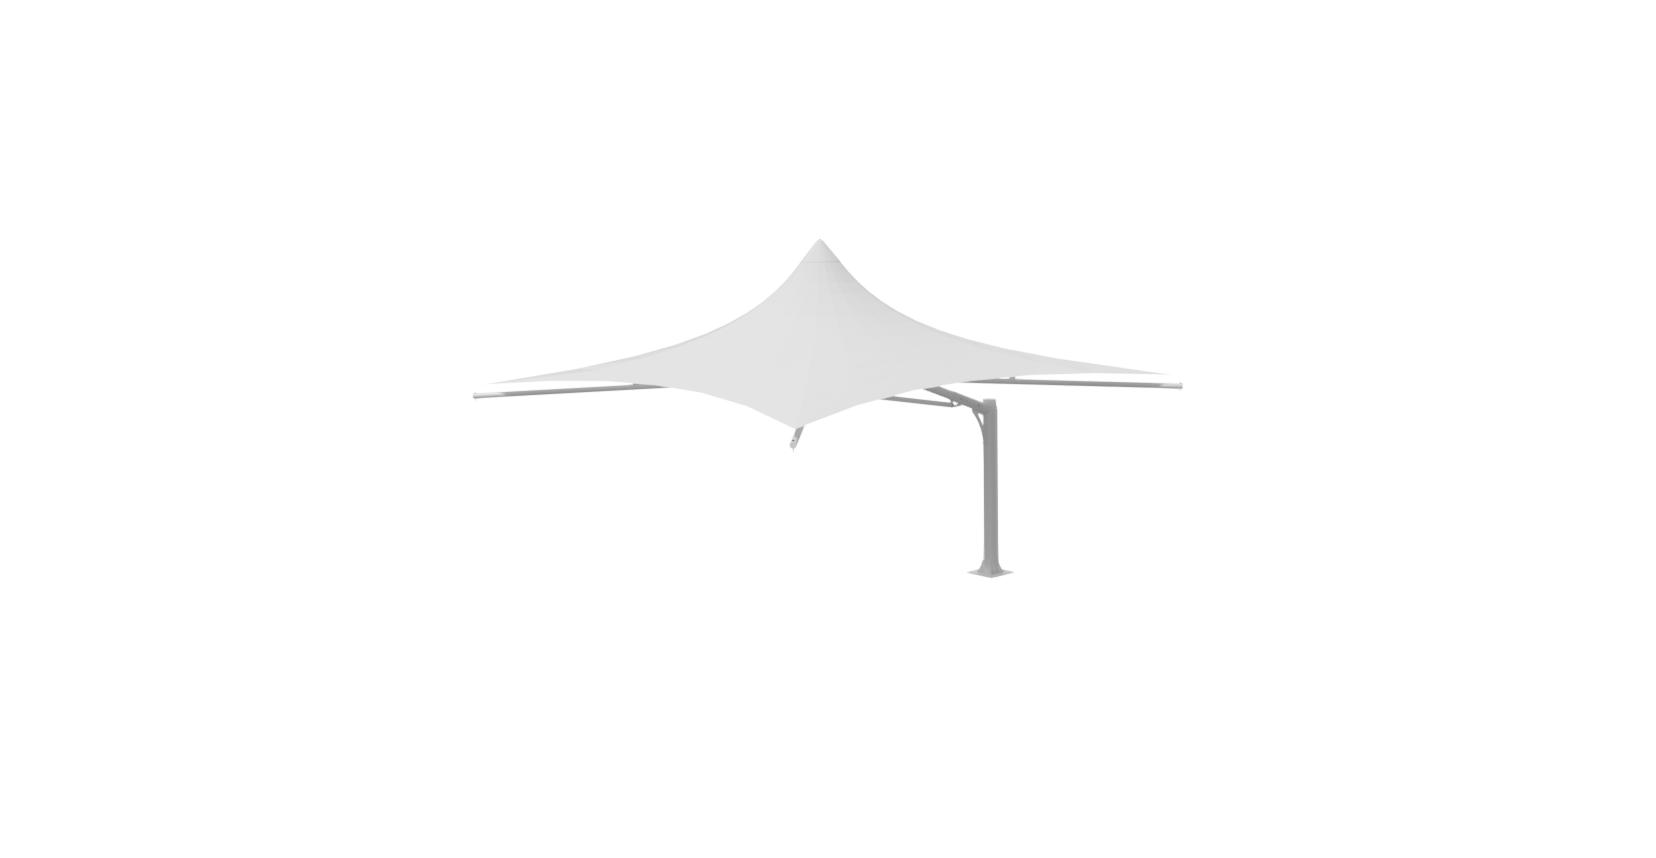 5x5 Mono Cantilever Umbrella ISO